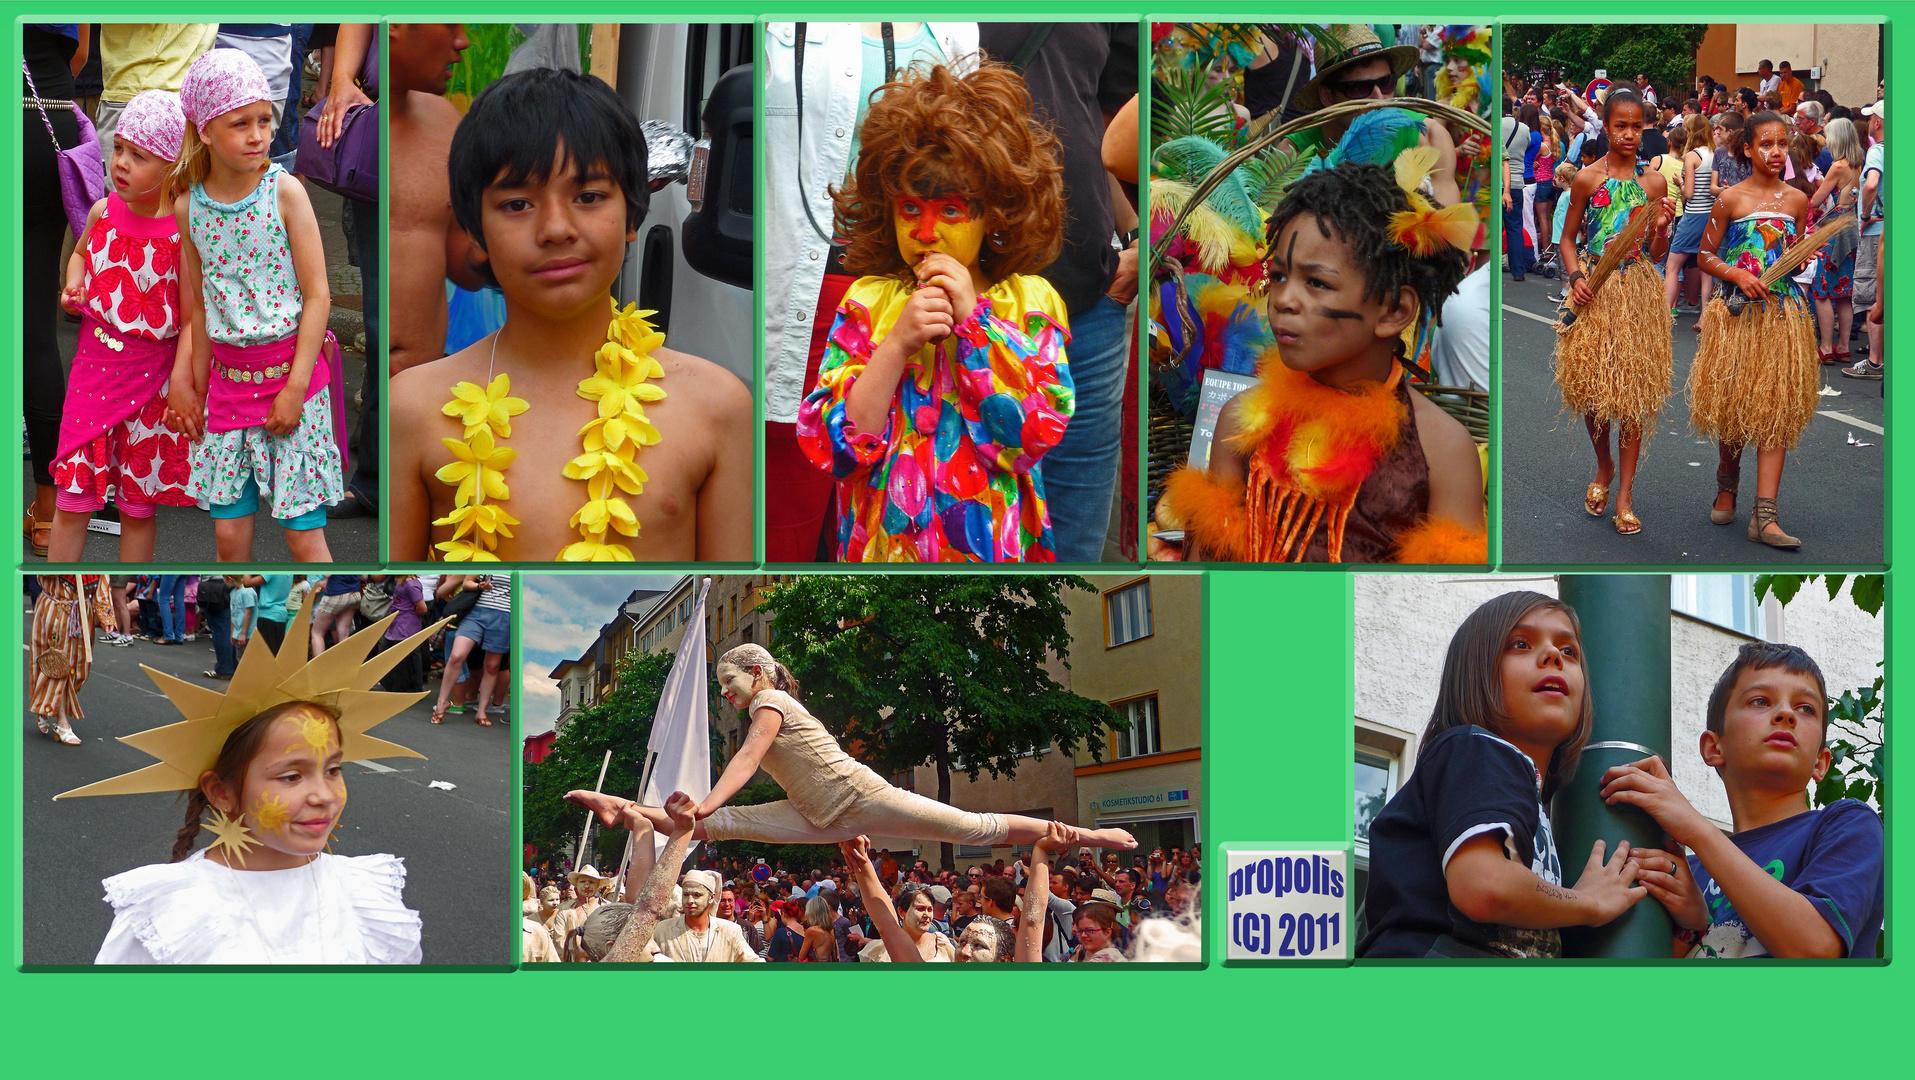 KDK 2011. les enfants de Berlin